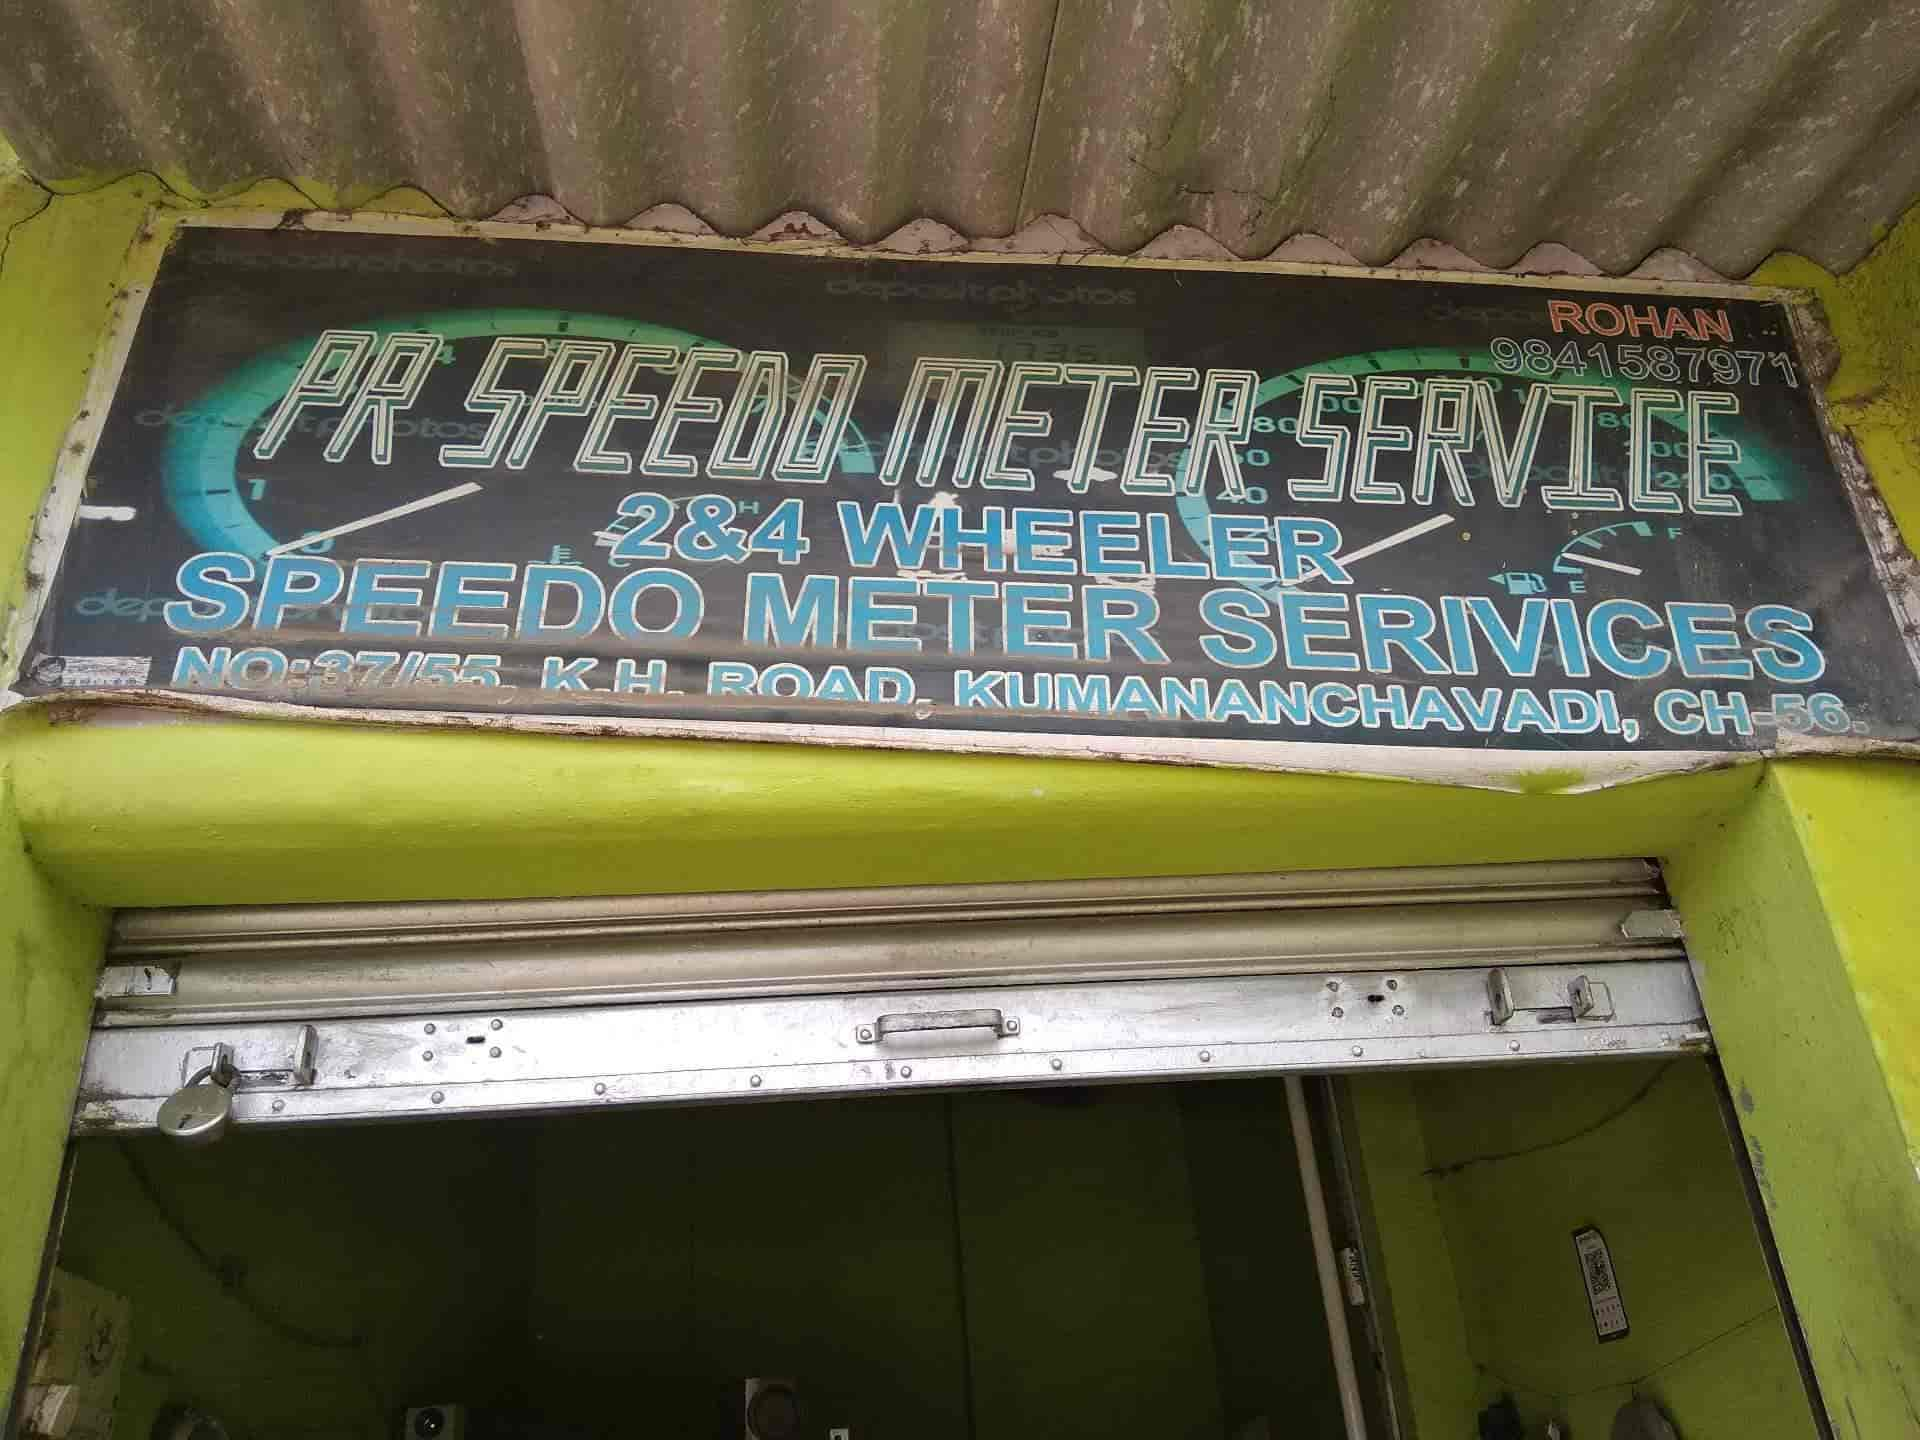 Pr Speedometer Service, Poonamallee - Speedometer Repair